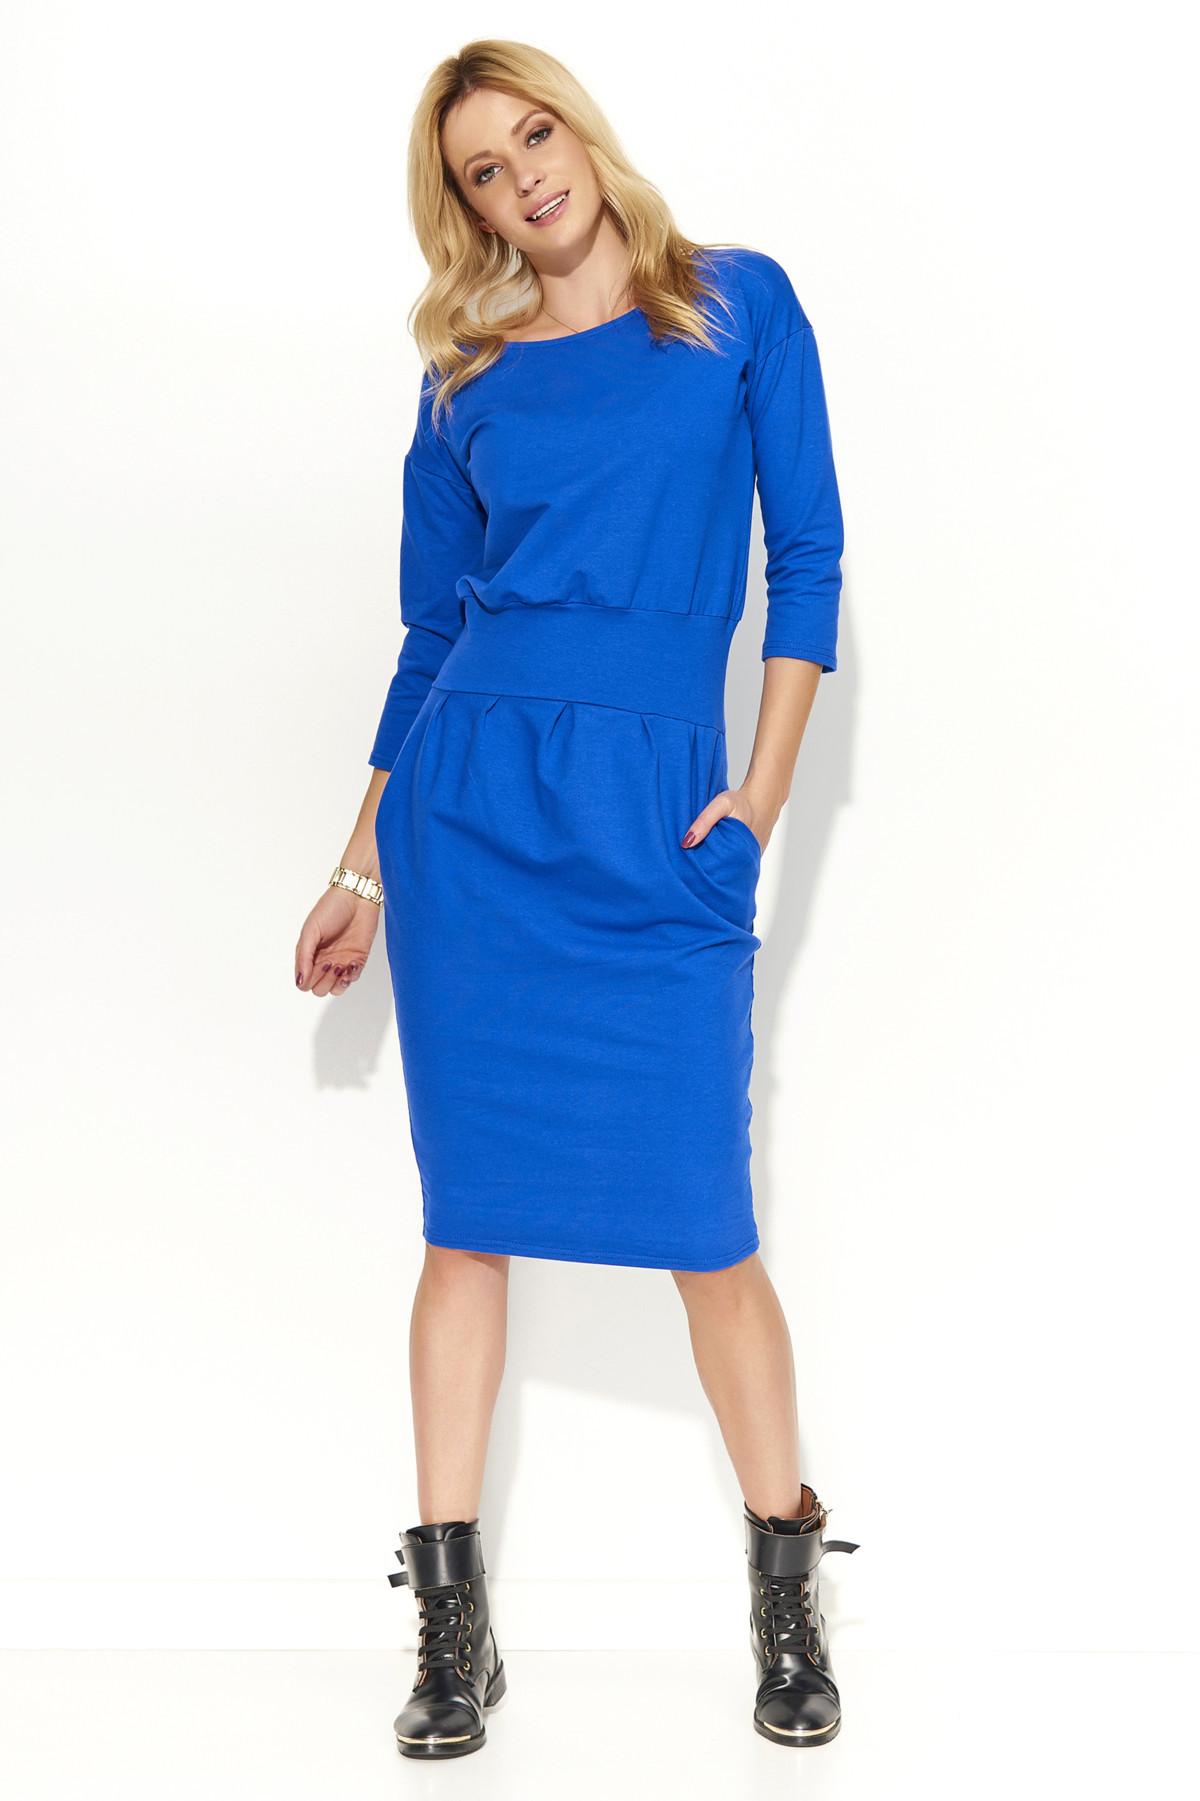 Dámské šaty s volným střihem středně dlouhé modré - Modrá - Makadamia modrá 42